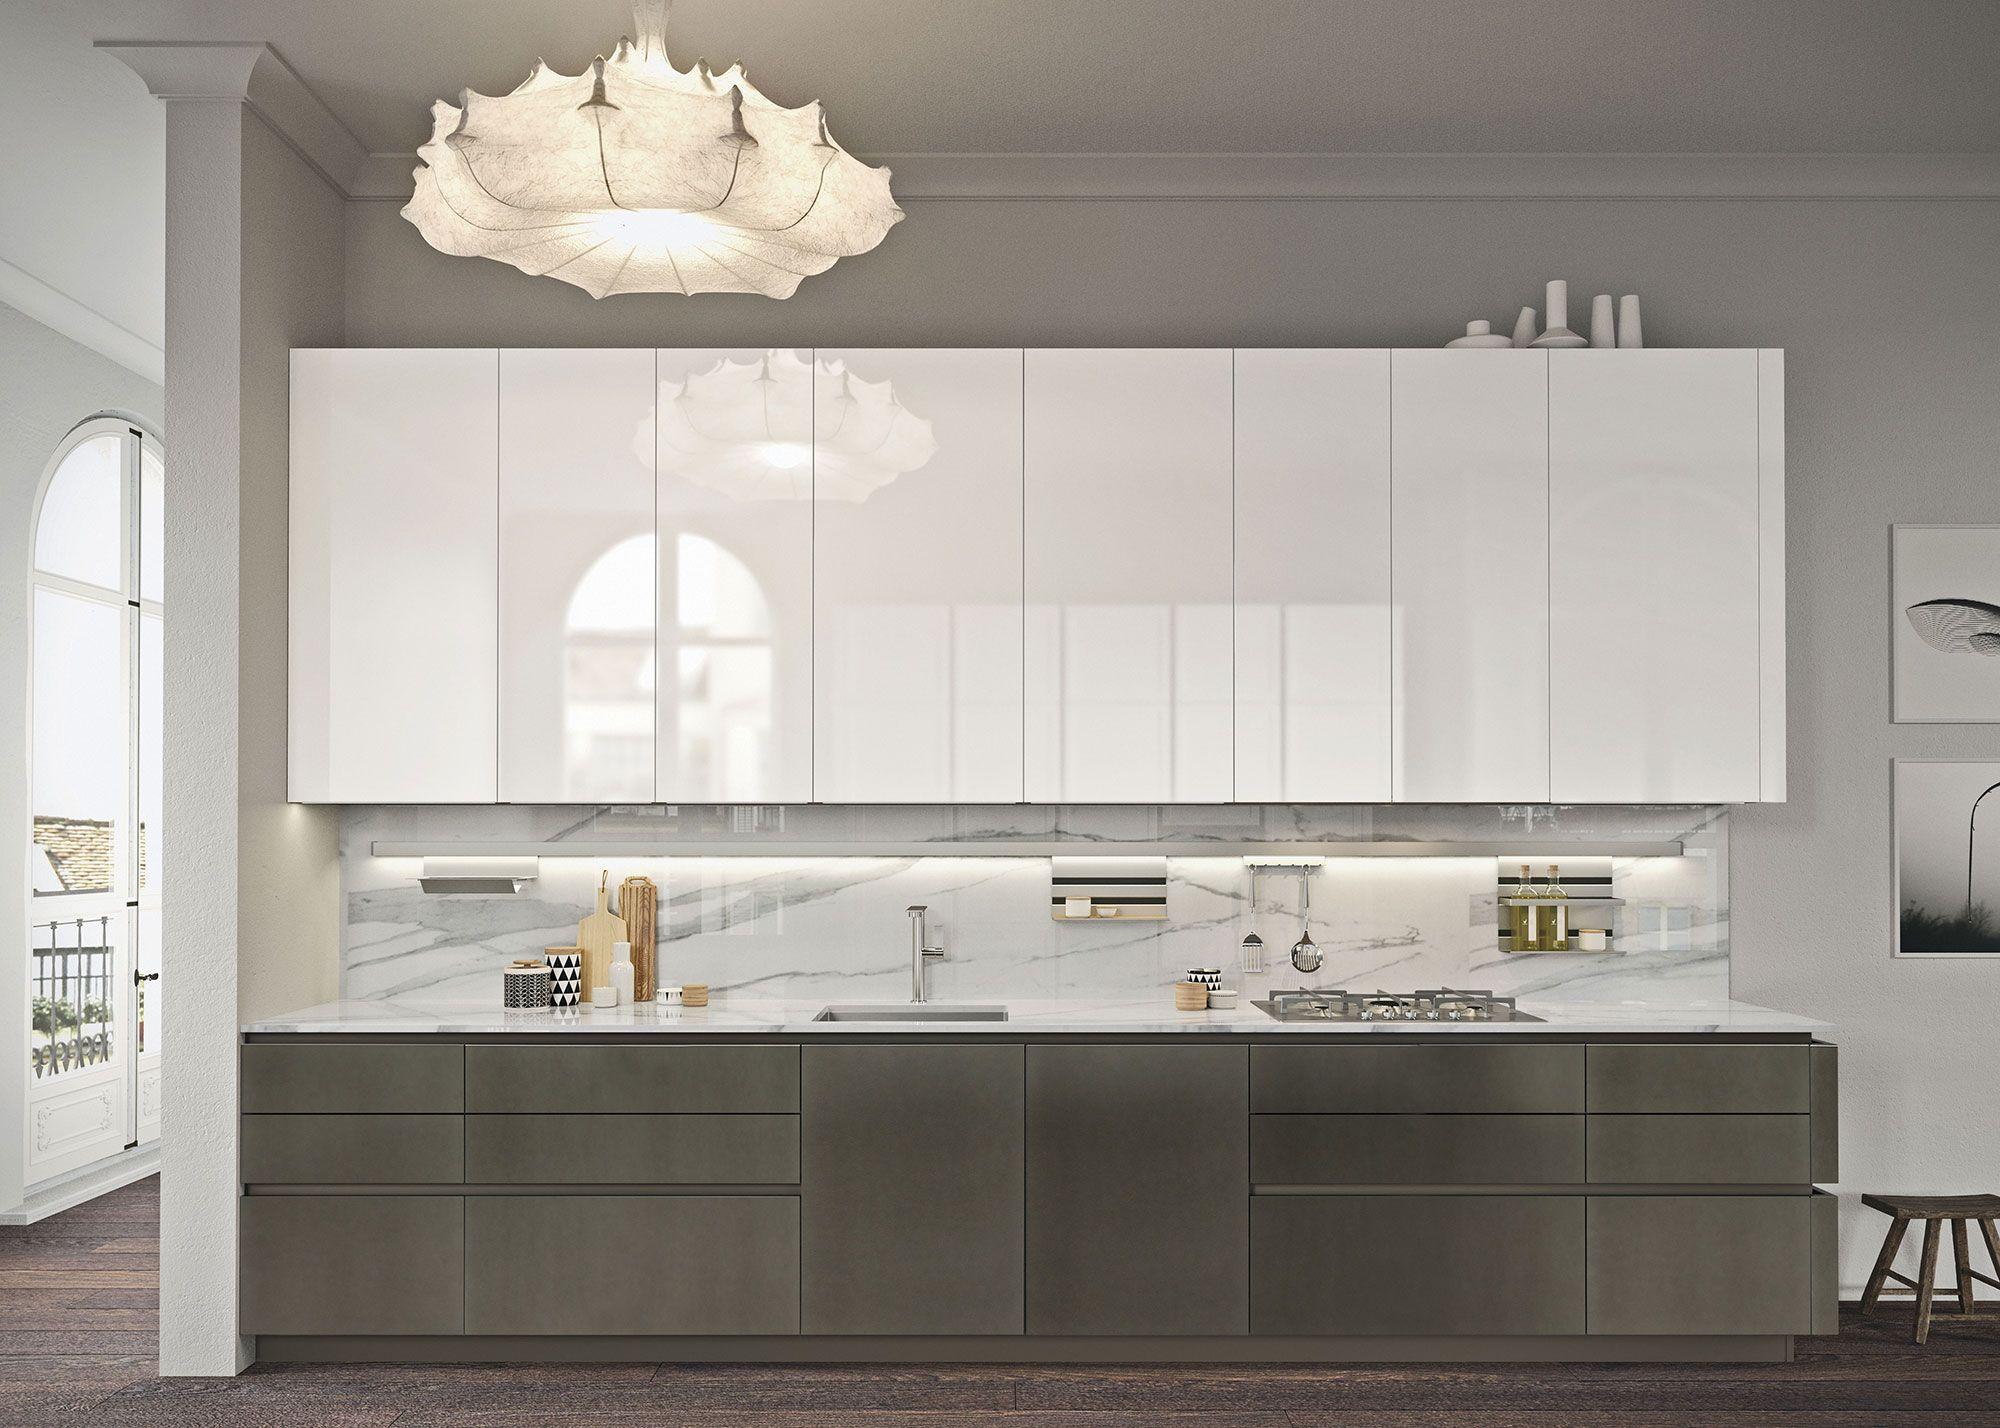 Cucine Componibili Moderne: Design Michele Marcon Per Look | Snaidero